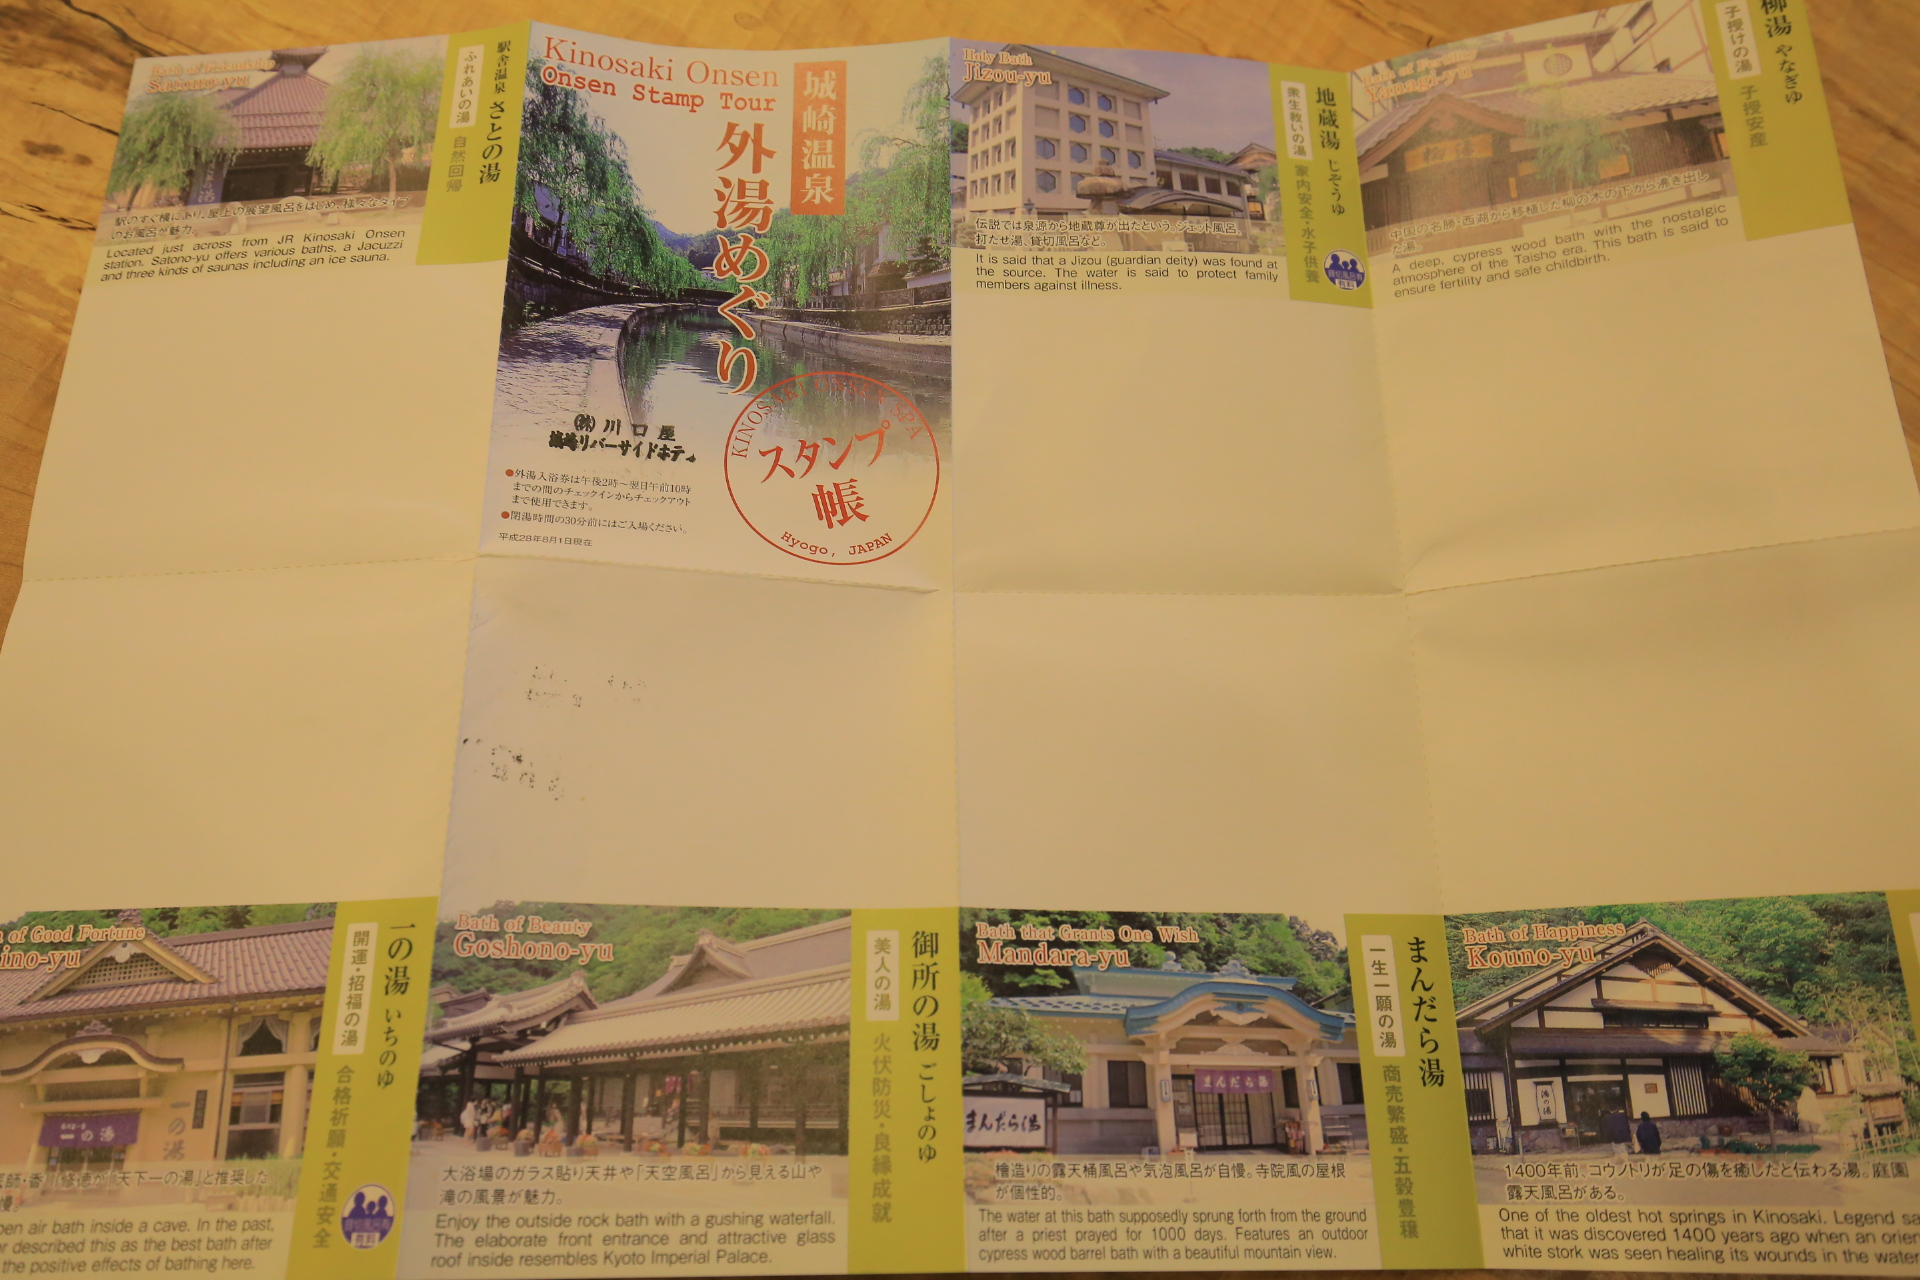 【城崎溫泉住一晚】七大外湯全達陣!日本關西近郊冬季泡湯地 @小環妞 幸福足跡